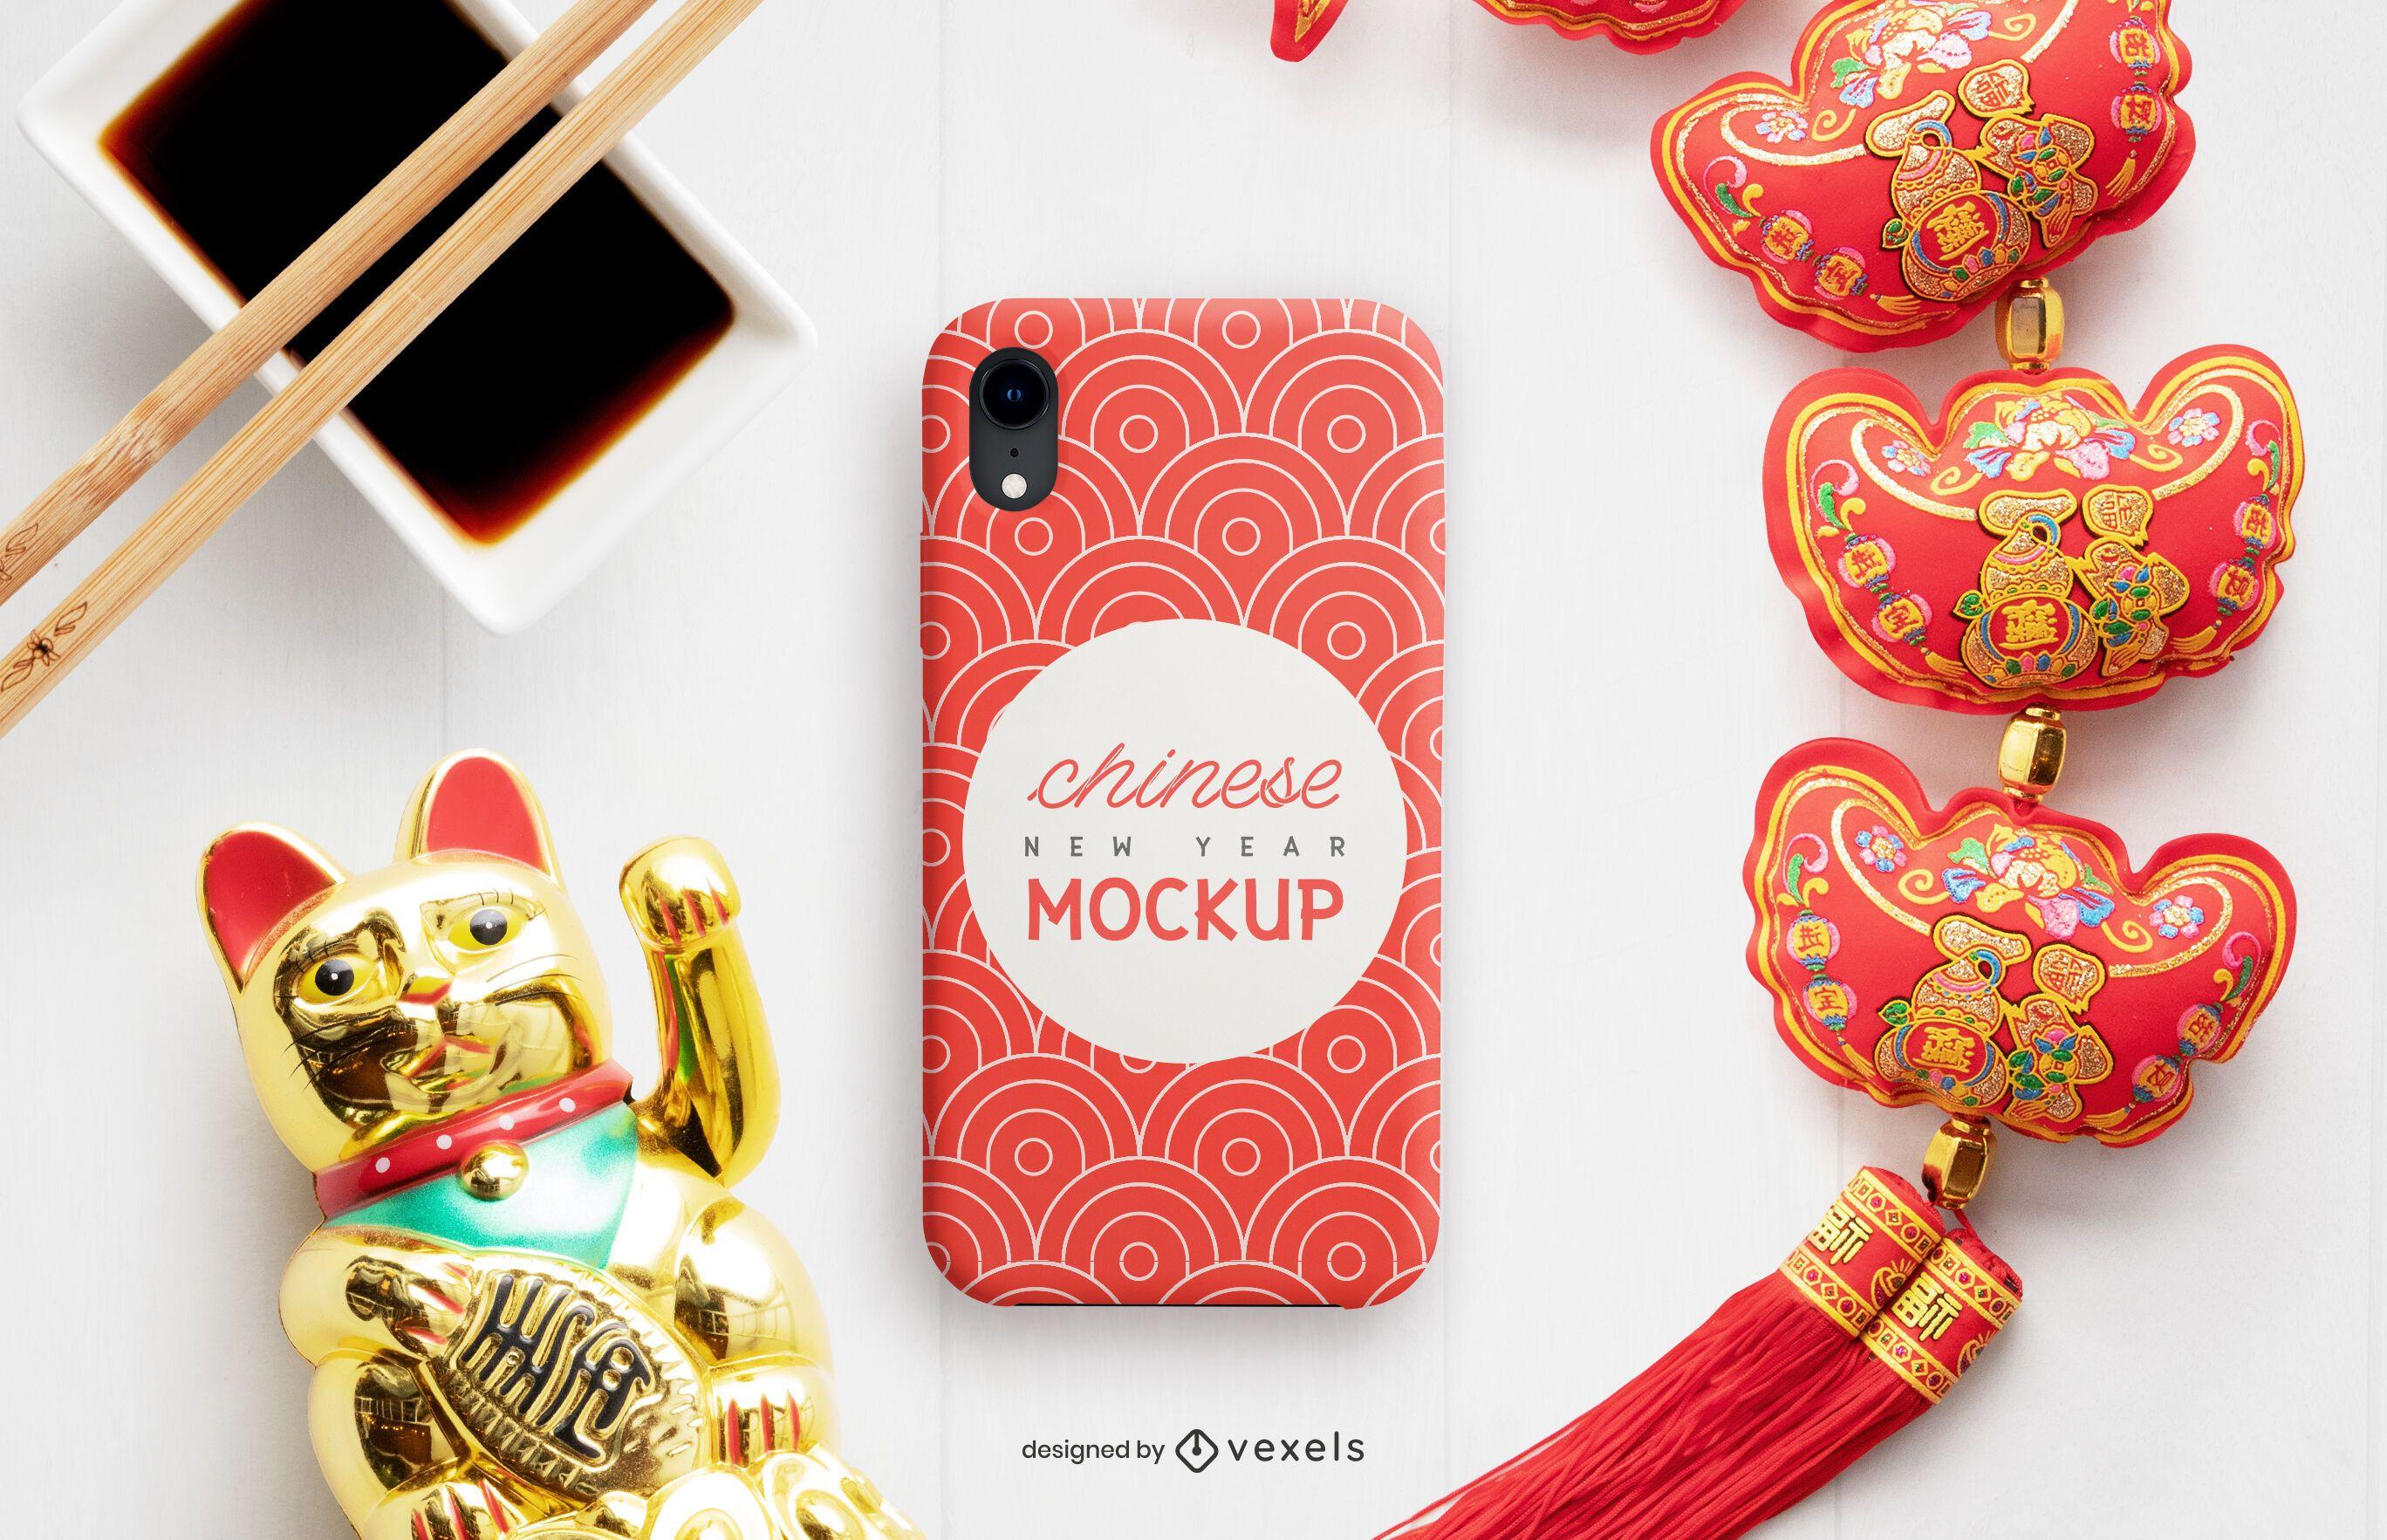 Composición de la maqueta de la caja del teléfono chino